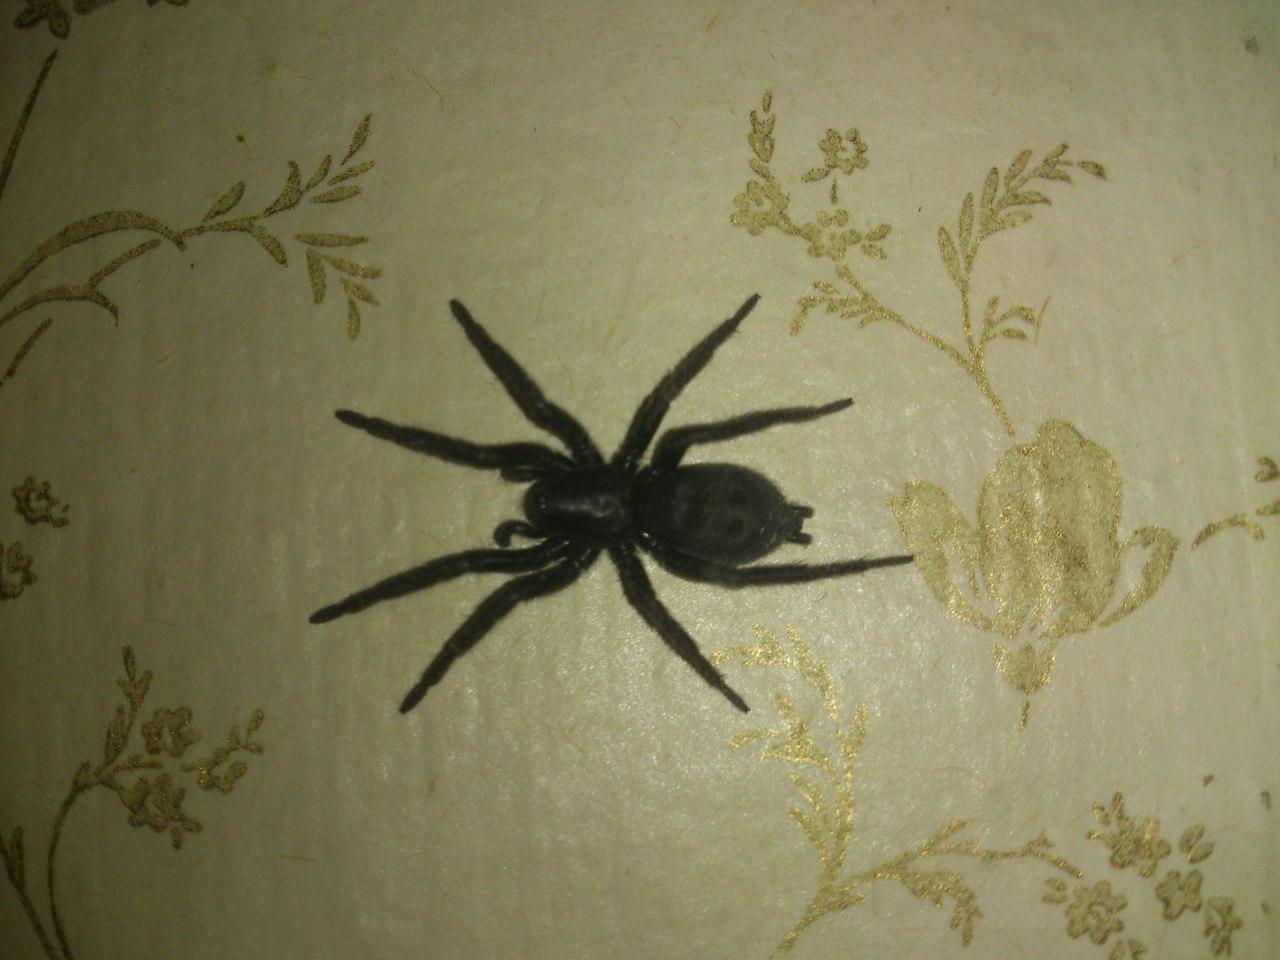 пауки большие фото квартире черные в